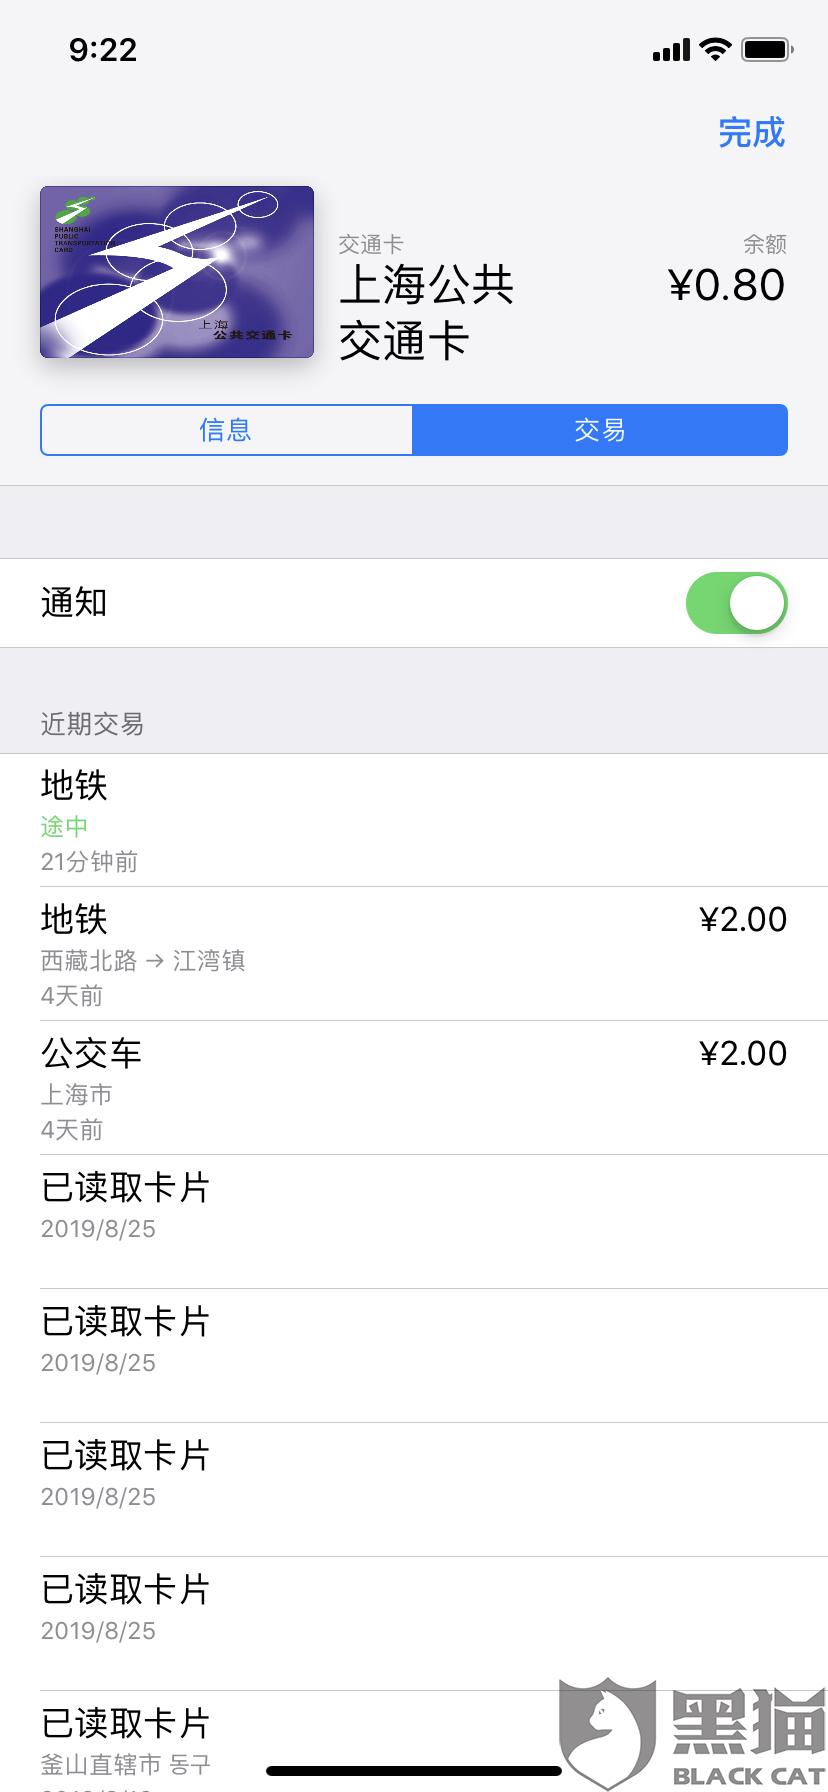 黑猫投诉:用applepay充值交通卡50元未到账